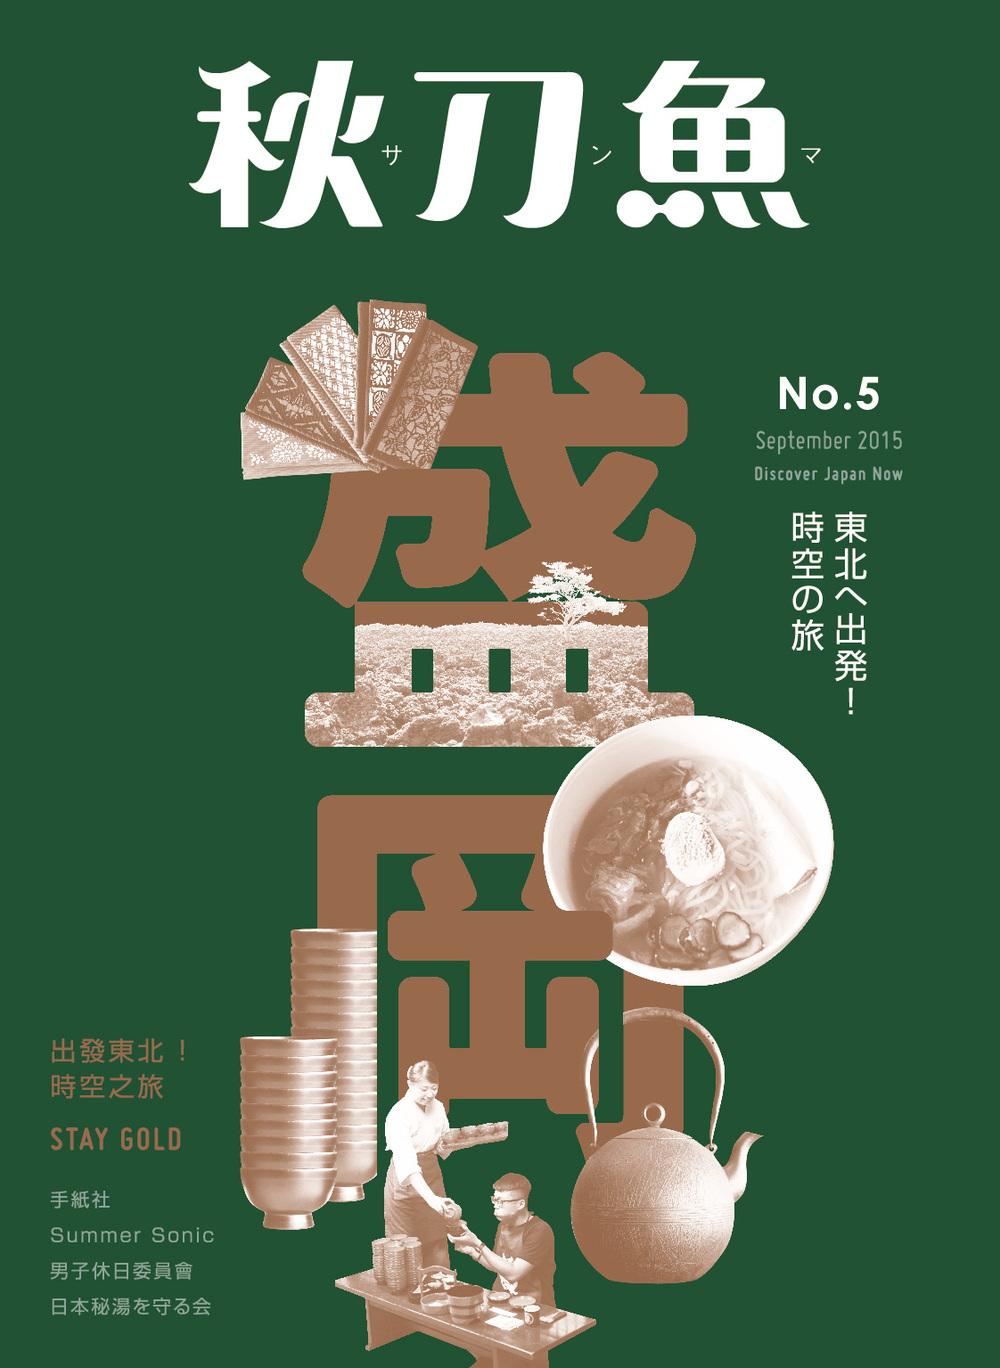 2015年9月號第5期〈出發東北!時空之旅〉